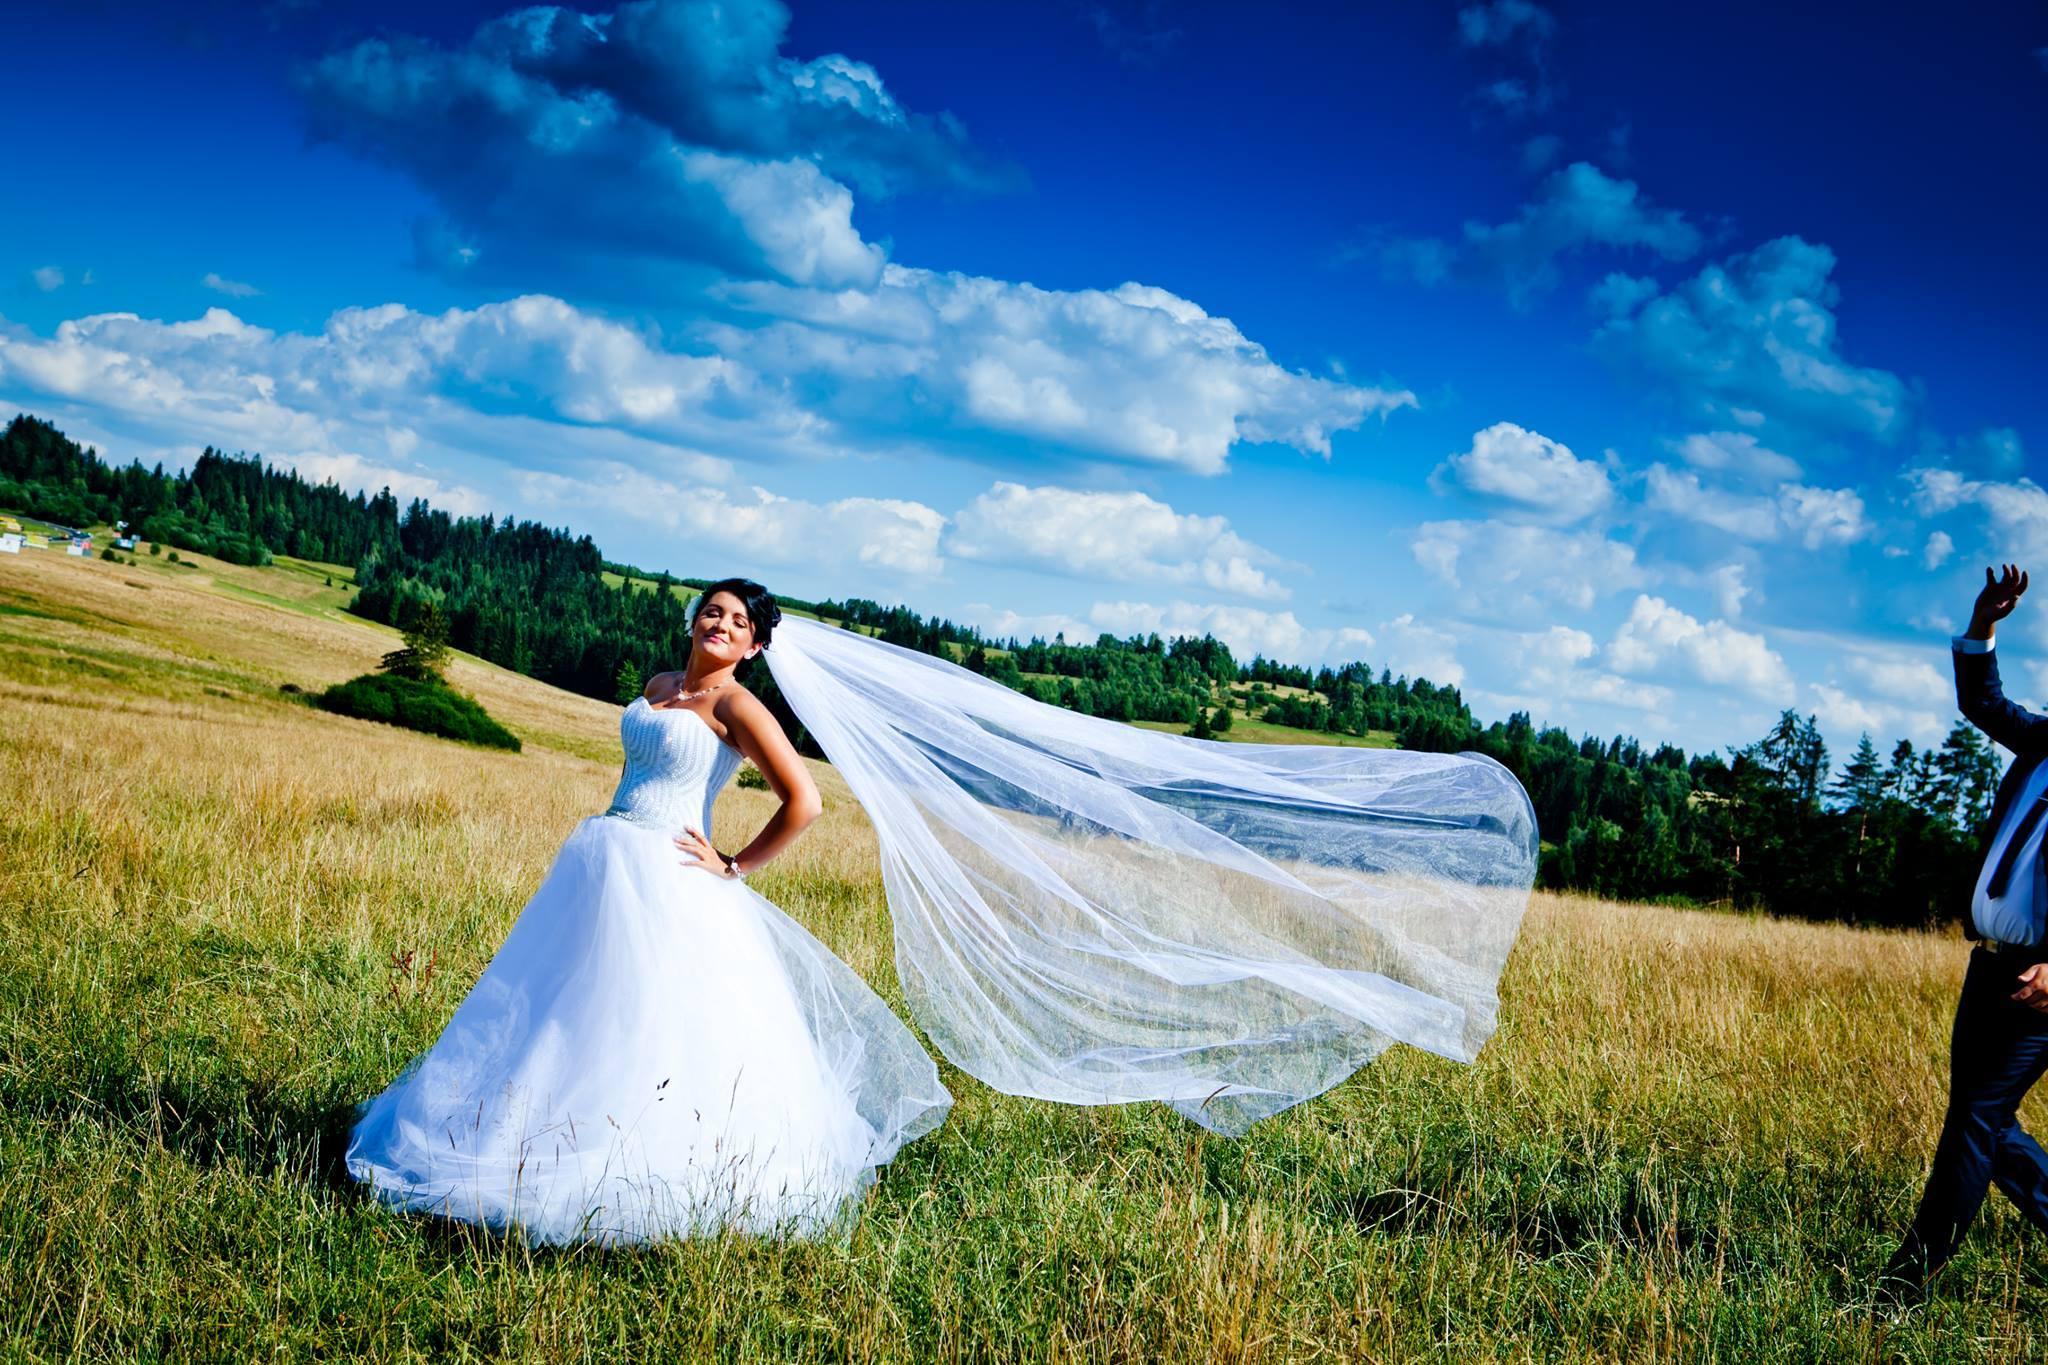 Modne Eleganckie Ekskluzywne Suknie I Sukienki Na Wesele